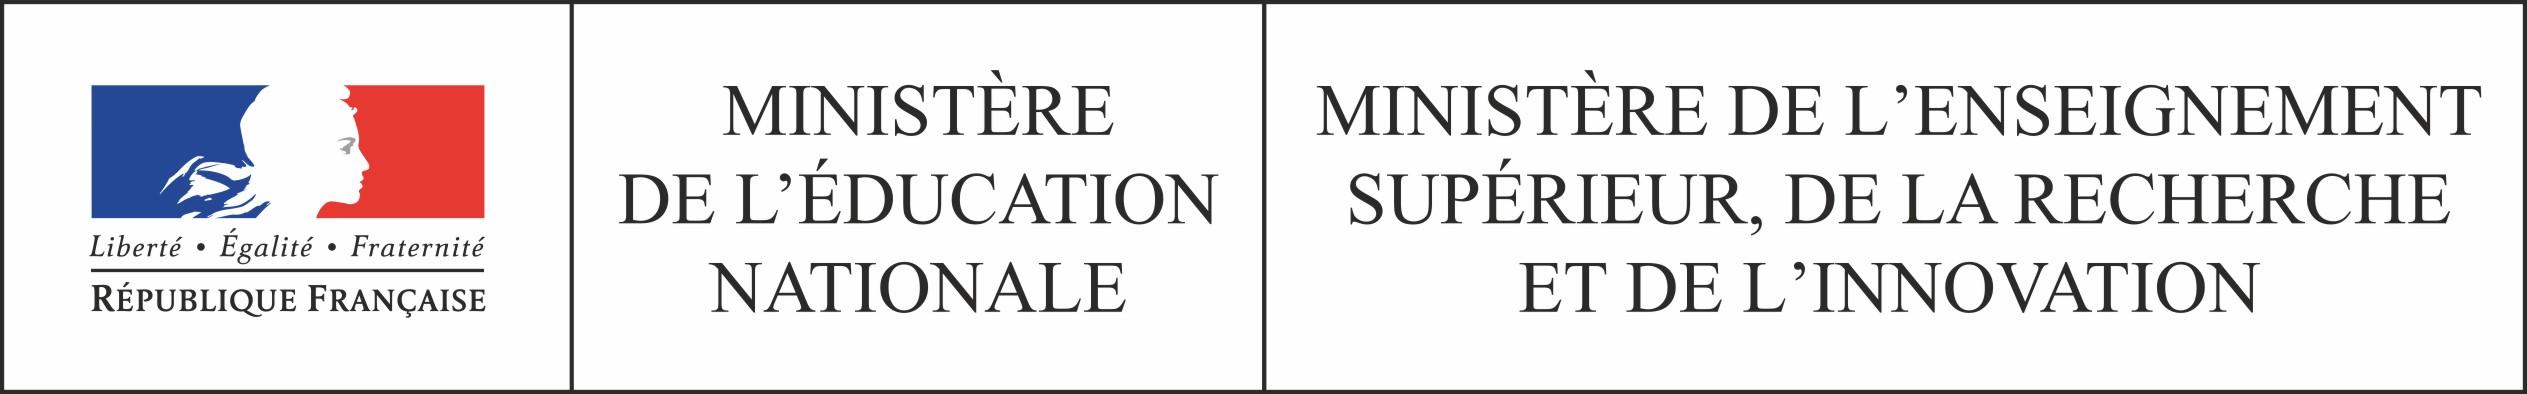 logo du ministère de l'éducation nationale, de l'enseignement supérieur, de la recherche et de l'innovation